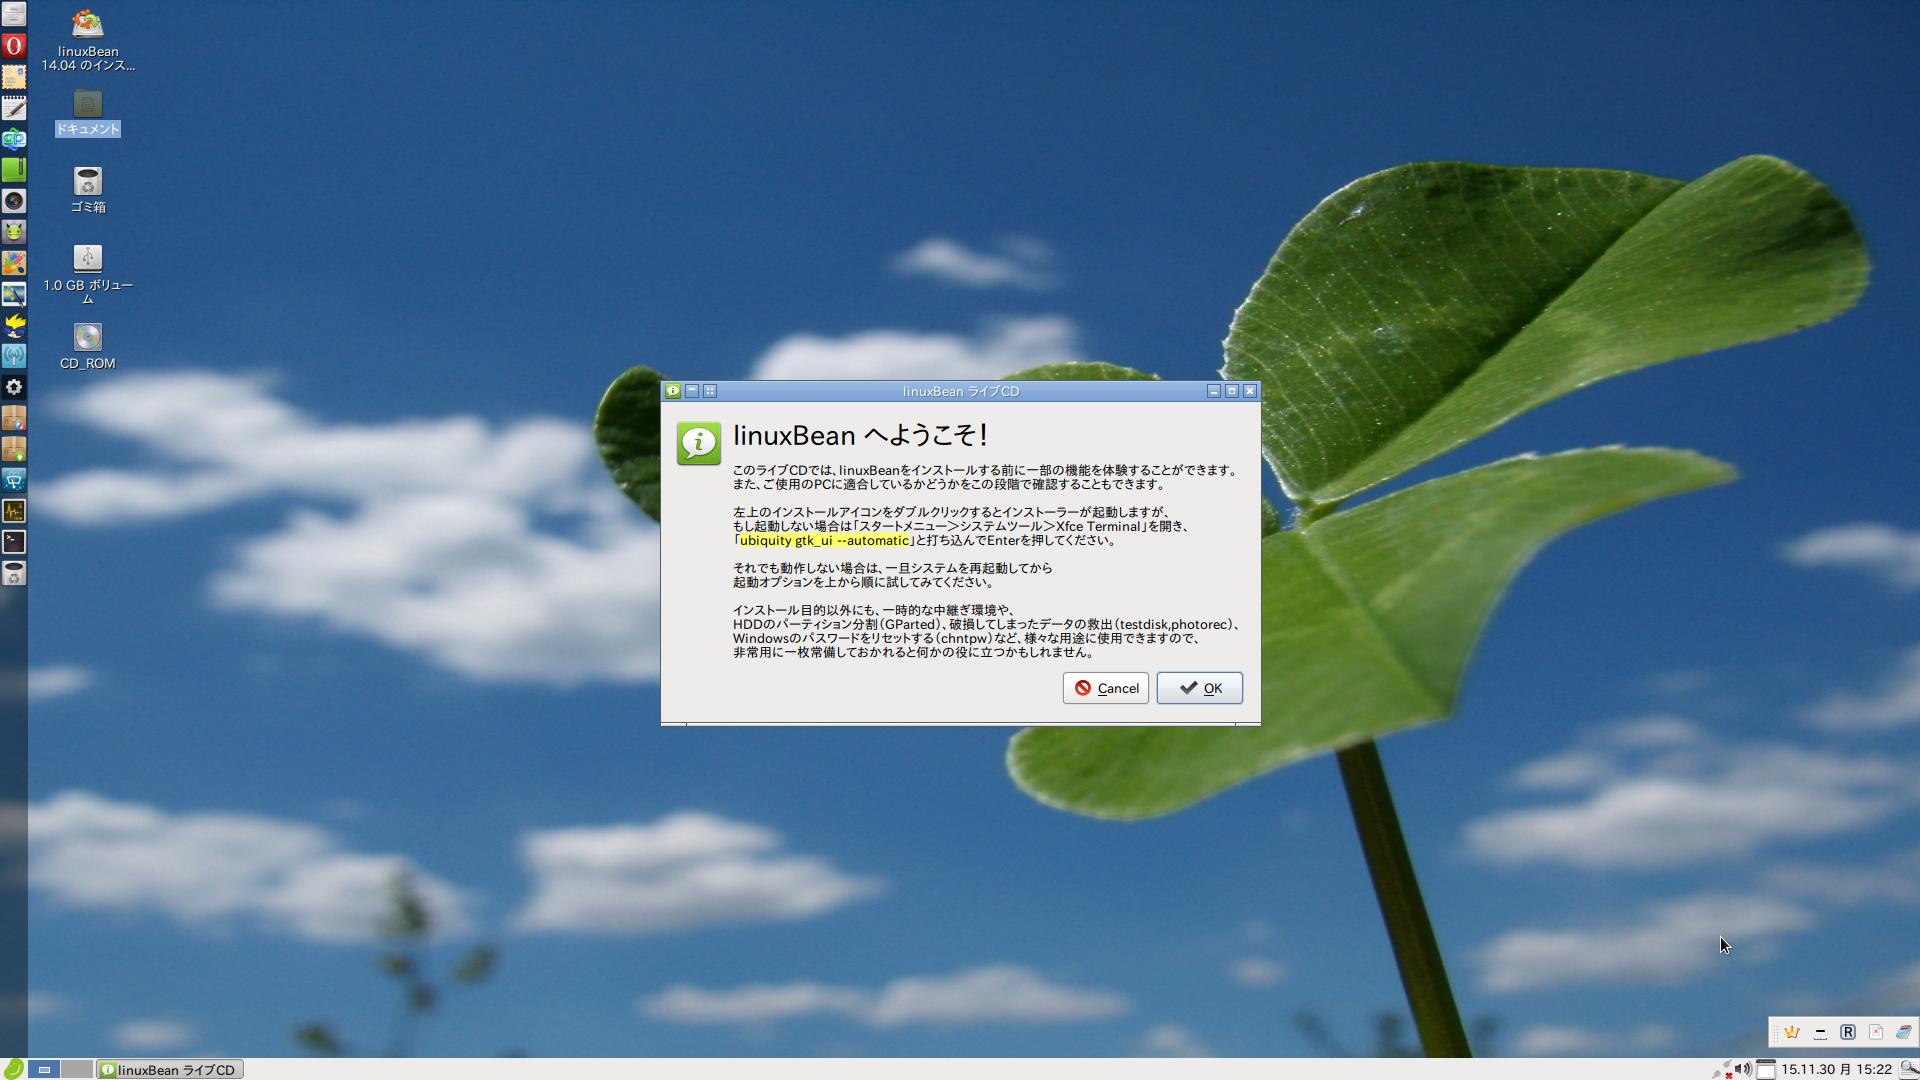 「使わなくなった古いPCをMT4専用PCとして復活させる方法」では「Linuxbean」のイメージファイルをCDに焼いて「Live CD」から「 Linuxbean」を起動する方法を説明しま